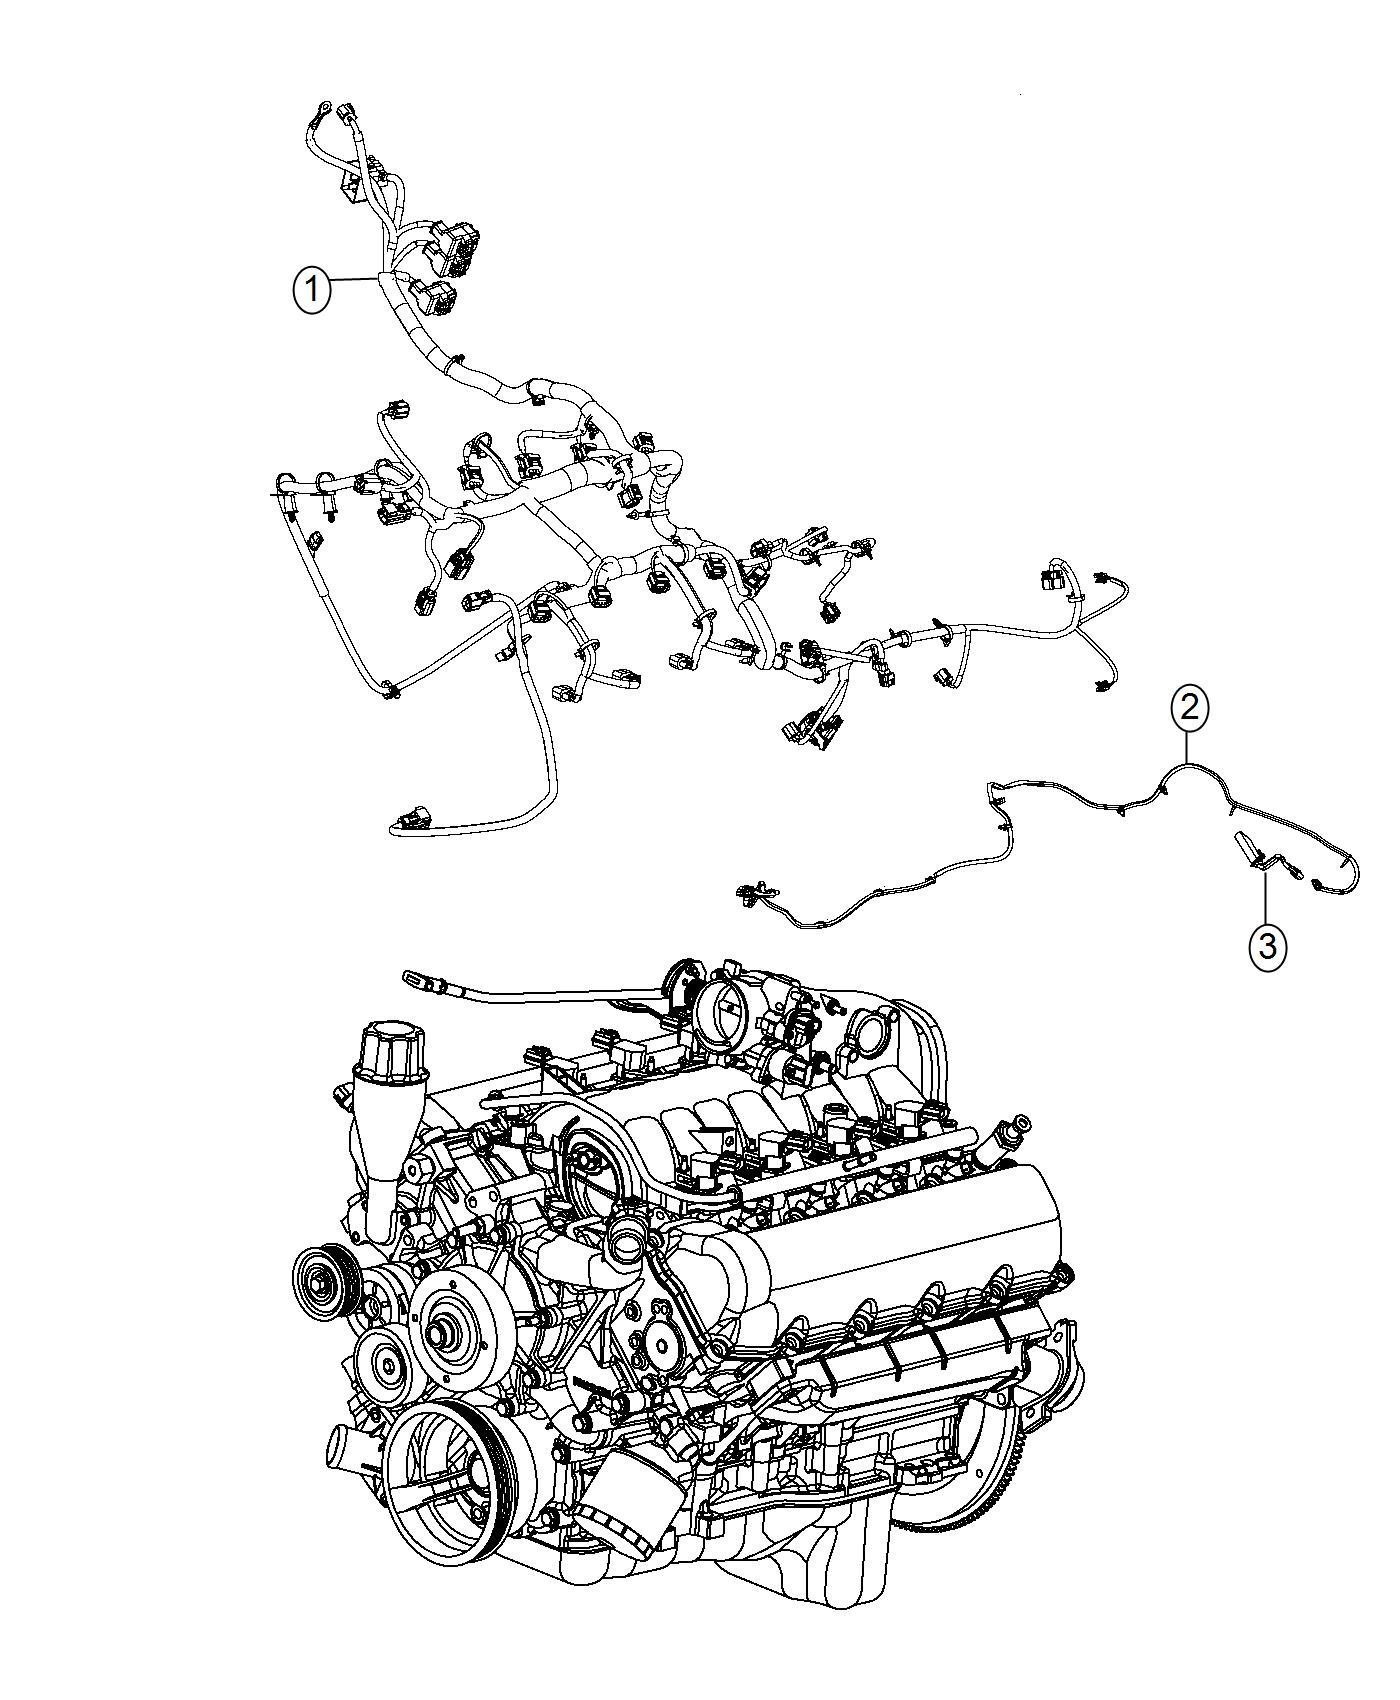 Ram 4500 Wiring. Jumper. Engine. Mds jumper. Powertrain